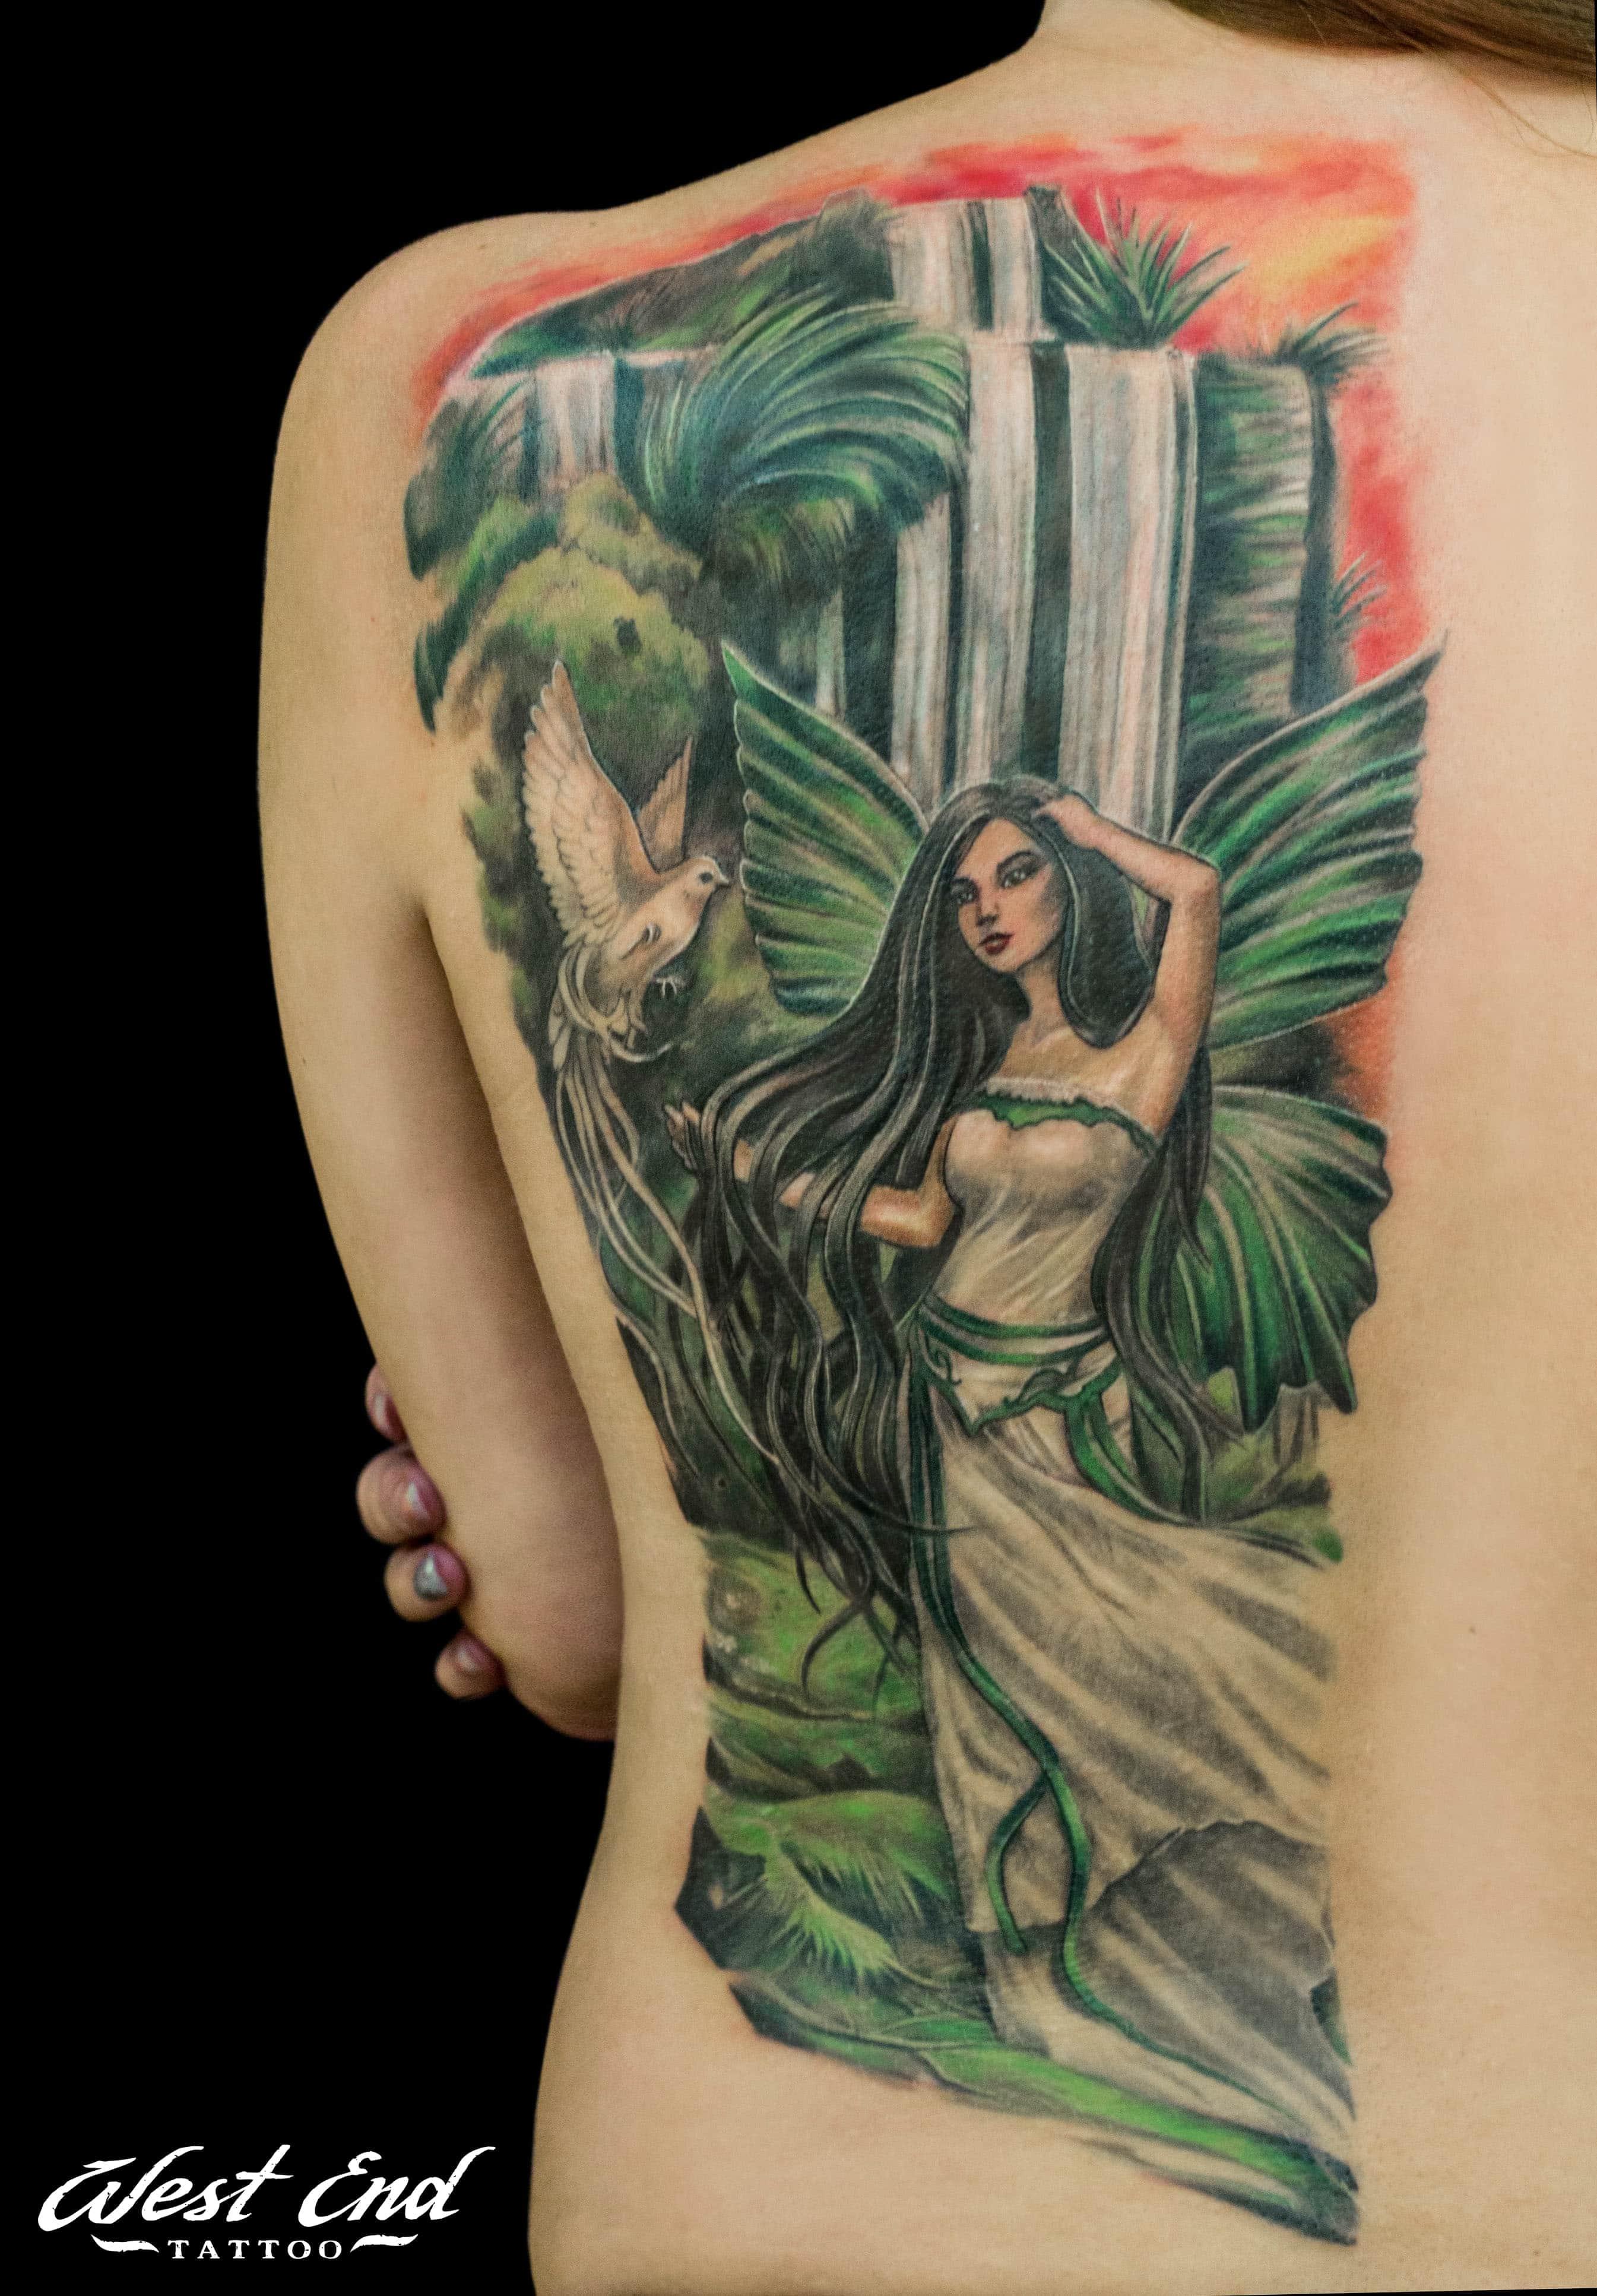 Цветной тату портрет на спине